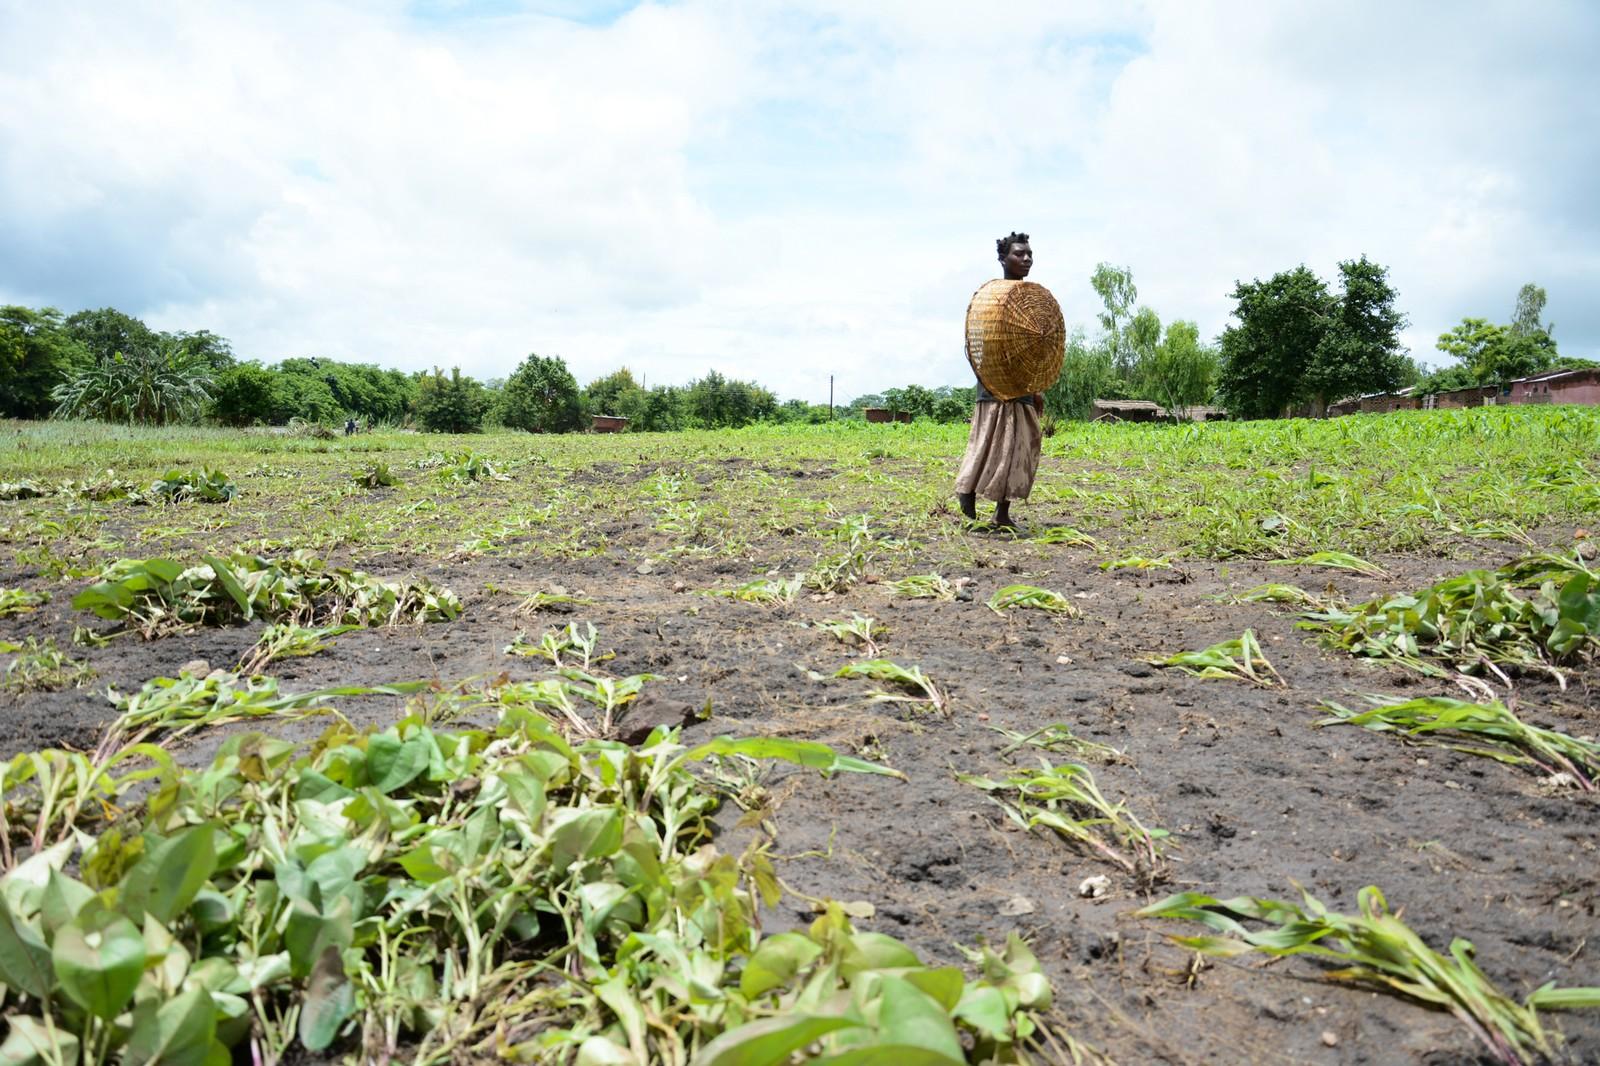 Avlingene er ødelagt av flommen - to måneder før de skulle vært høstet. Dermed kan Malawi stå overfor en sultkatastrofe.